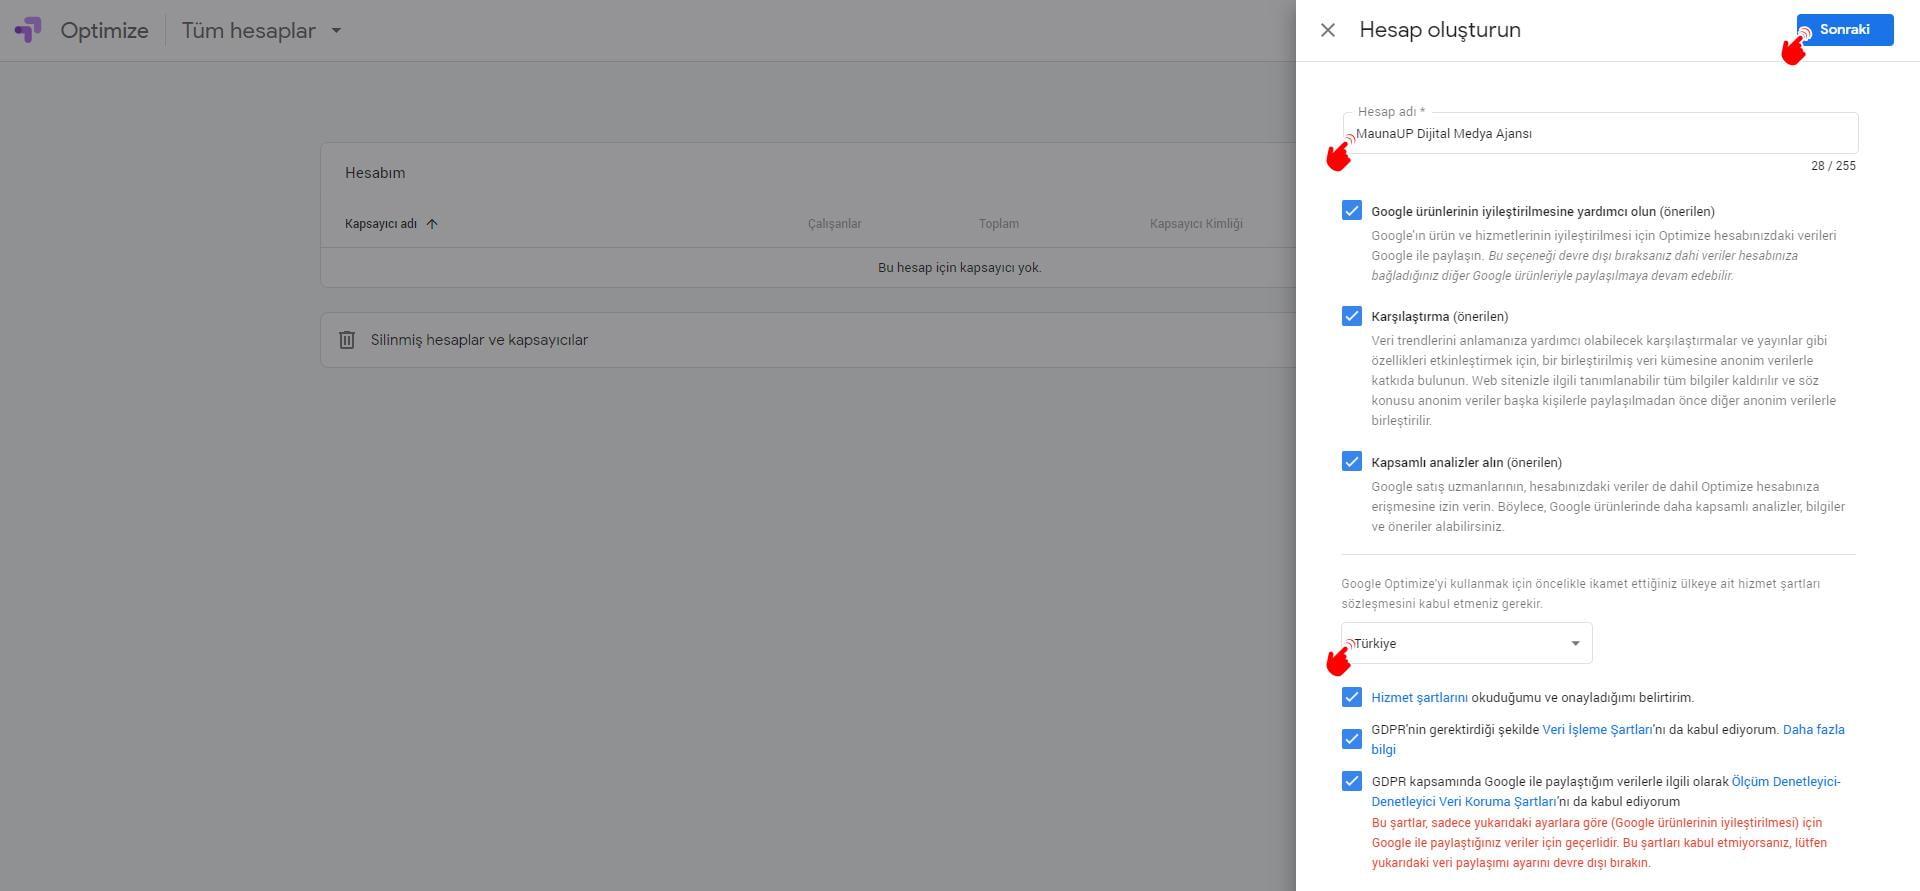 Google Optimize Kurulumu: Hesap Oluşturma-2